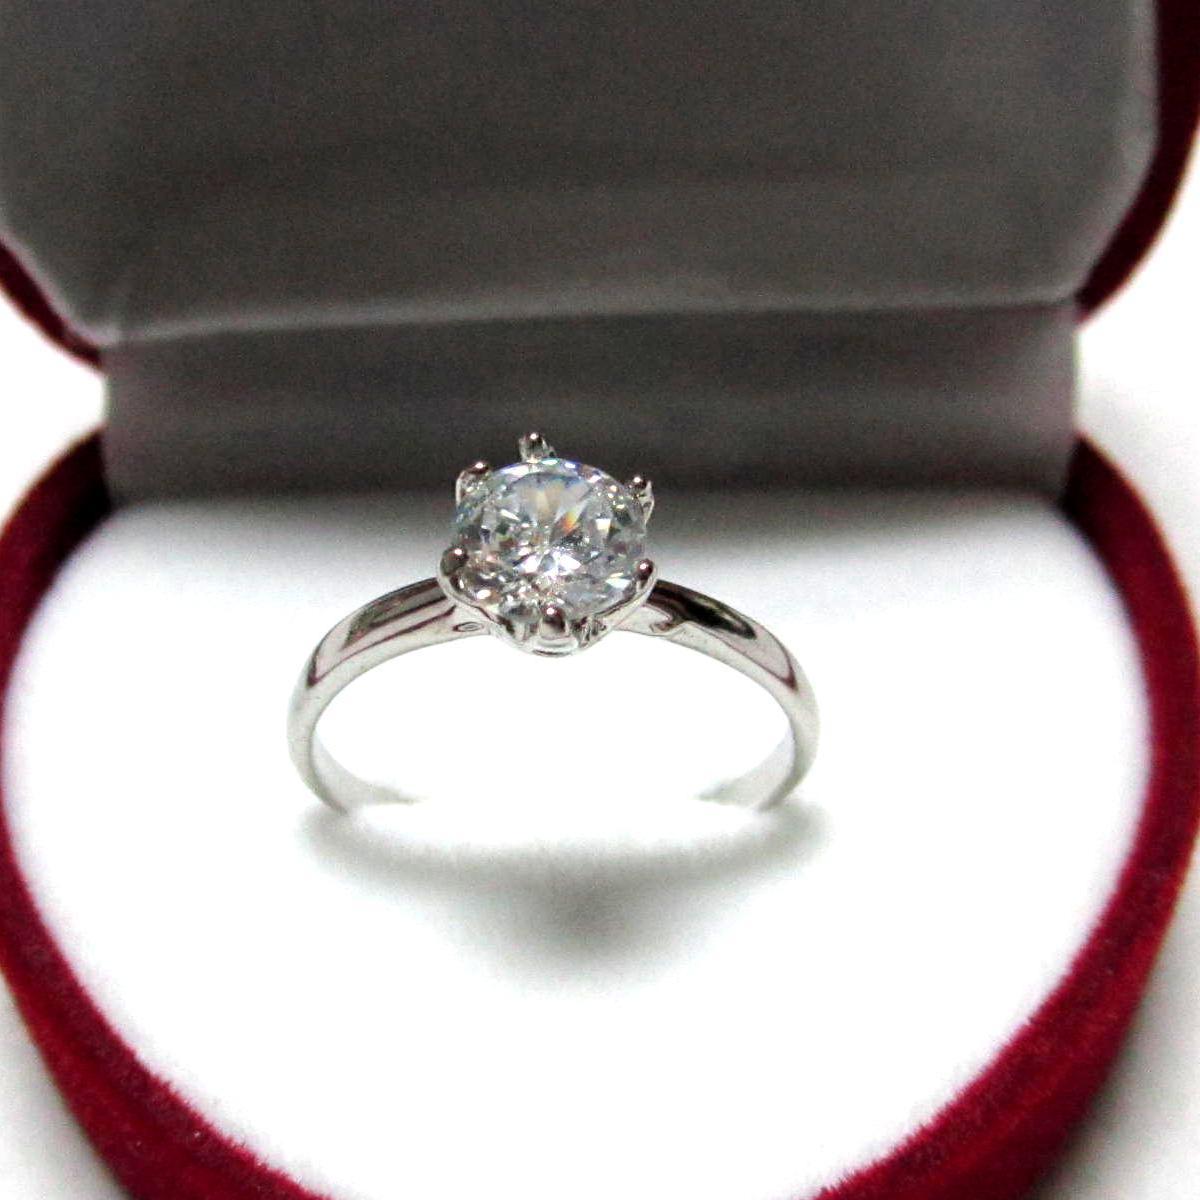 TANITTgemsแหวนทองคำขาวประดับเพชรCZขนาด0.8กะรัตราคาโรงงาน เบอร์ 7